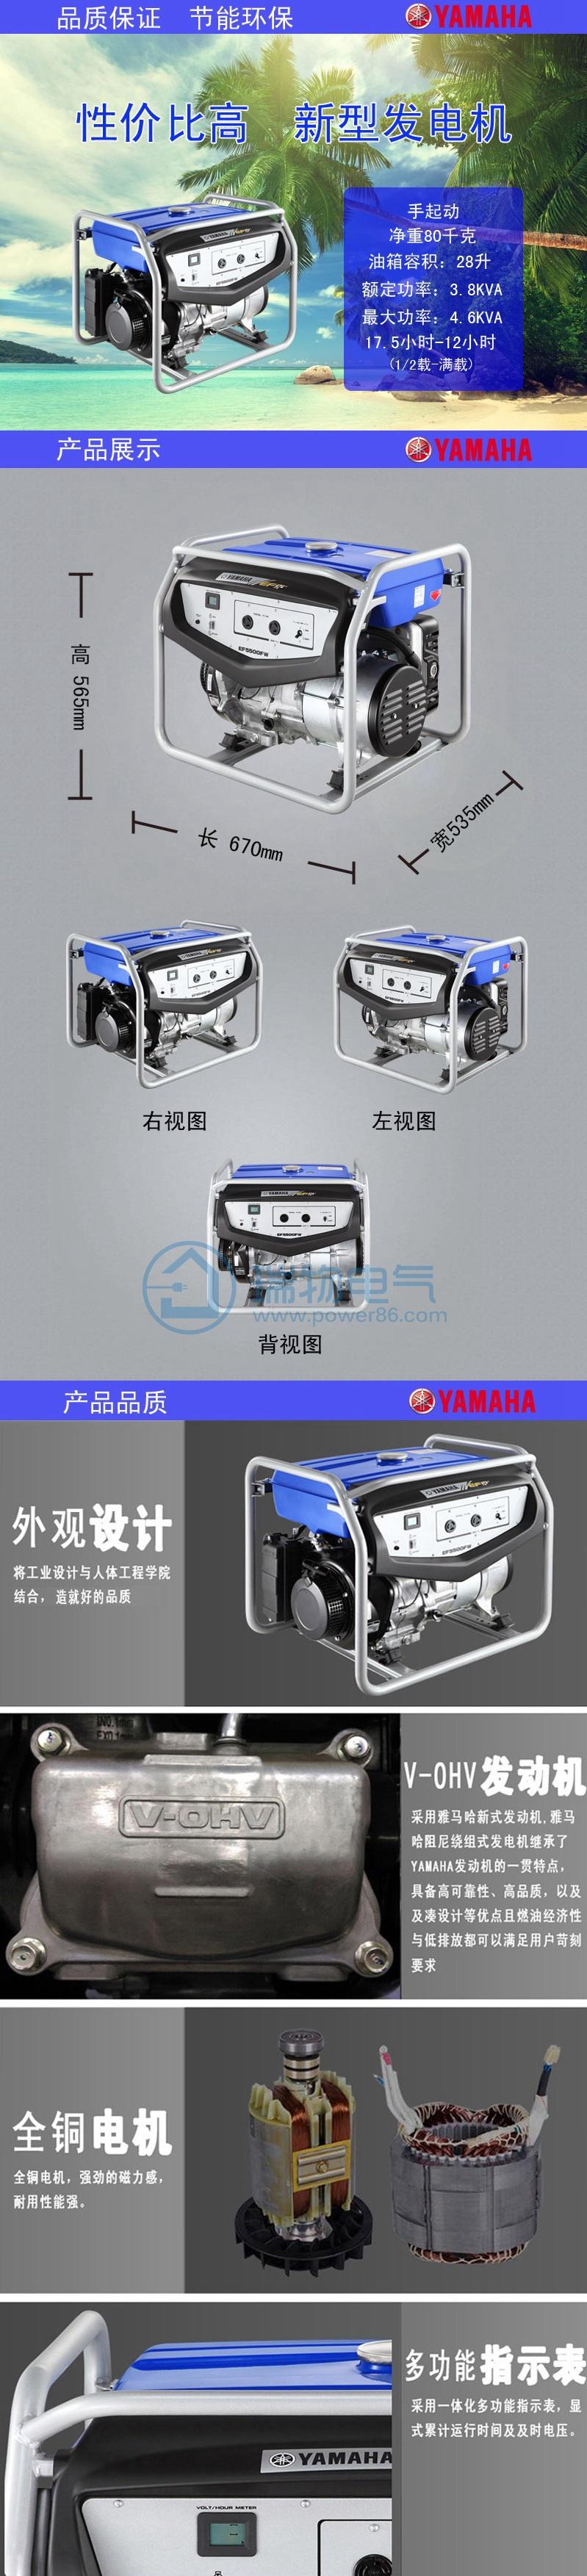 产品介绍http://www.power86.com/rs1/generator/152/158/418/418_c0.jpg